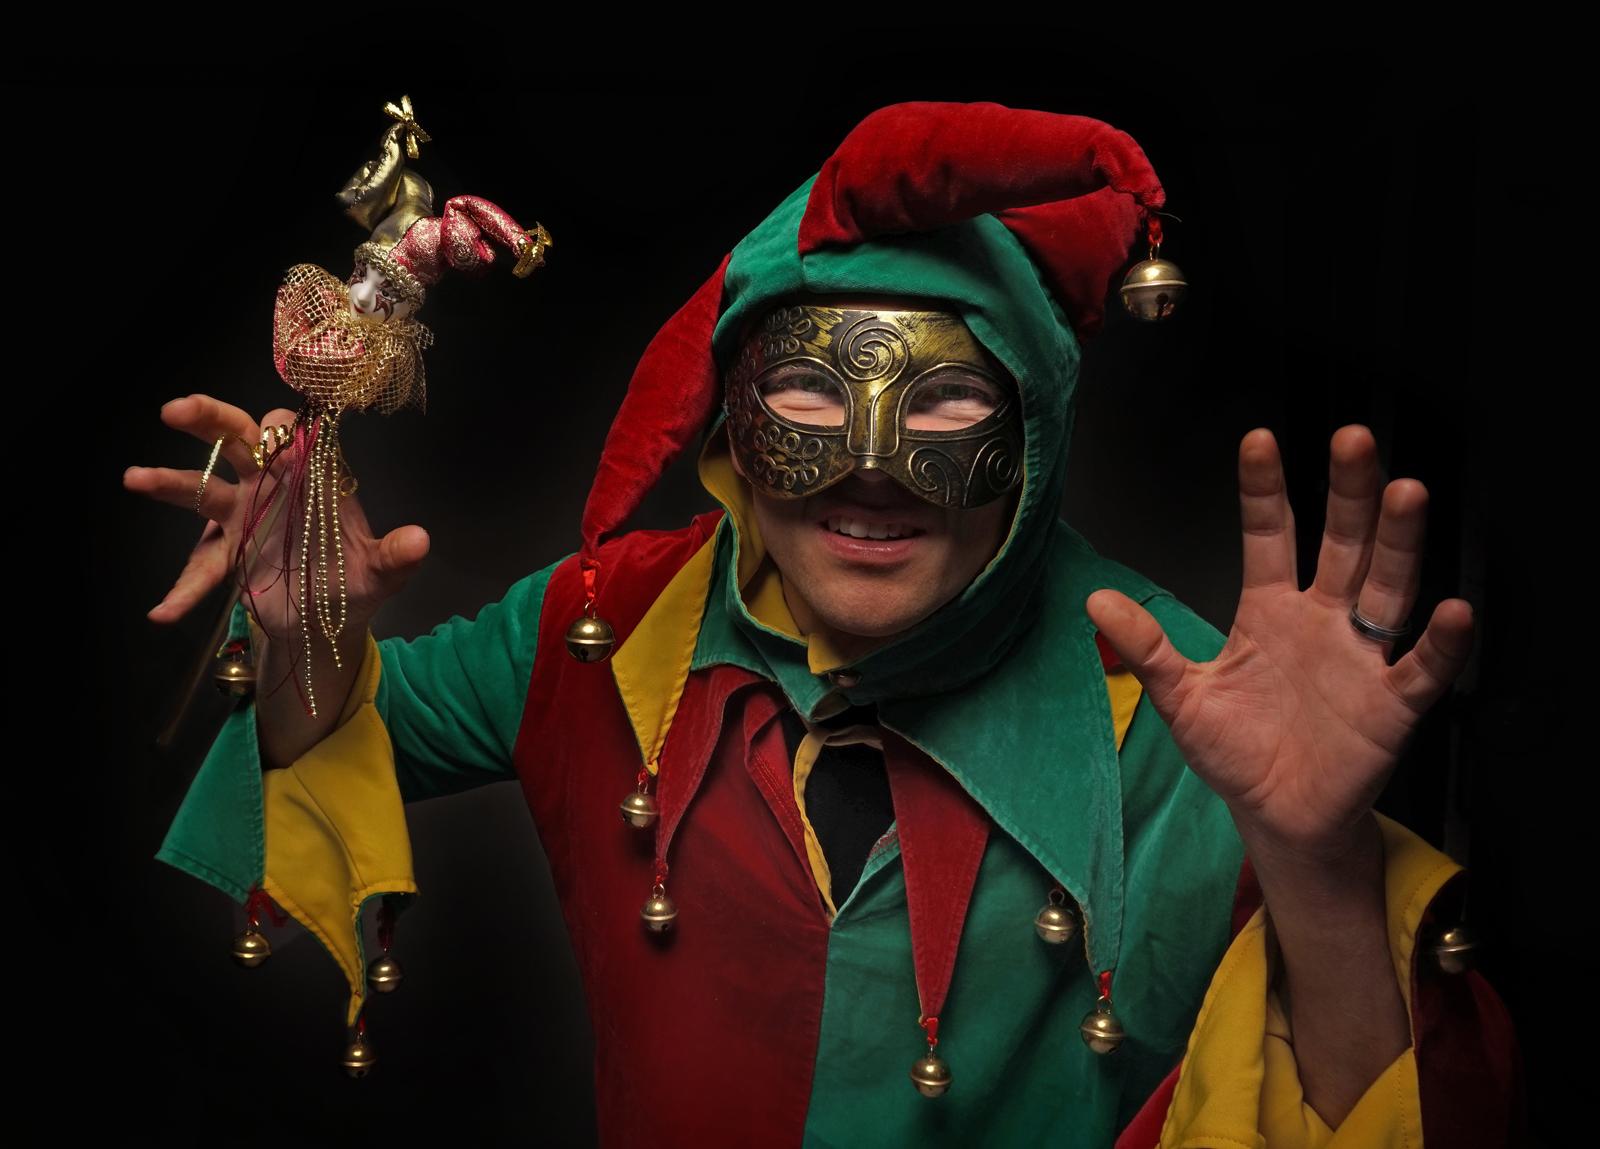 7. jester.helen smith